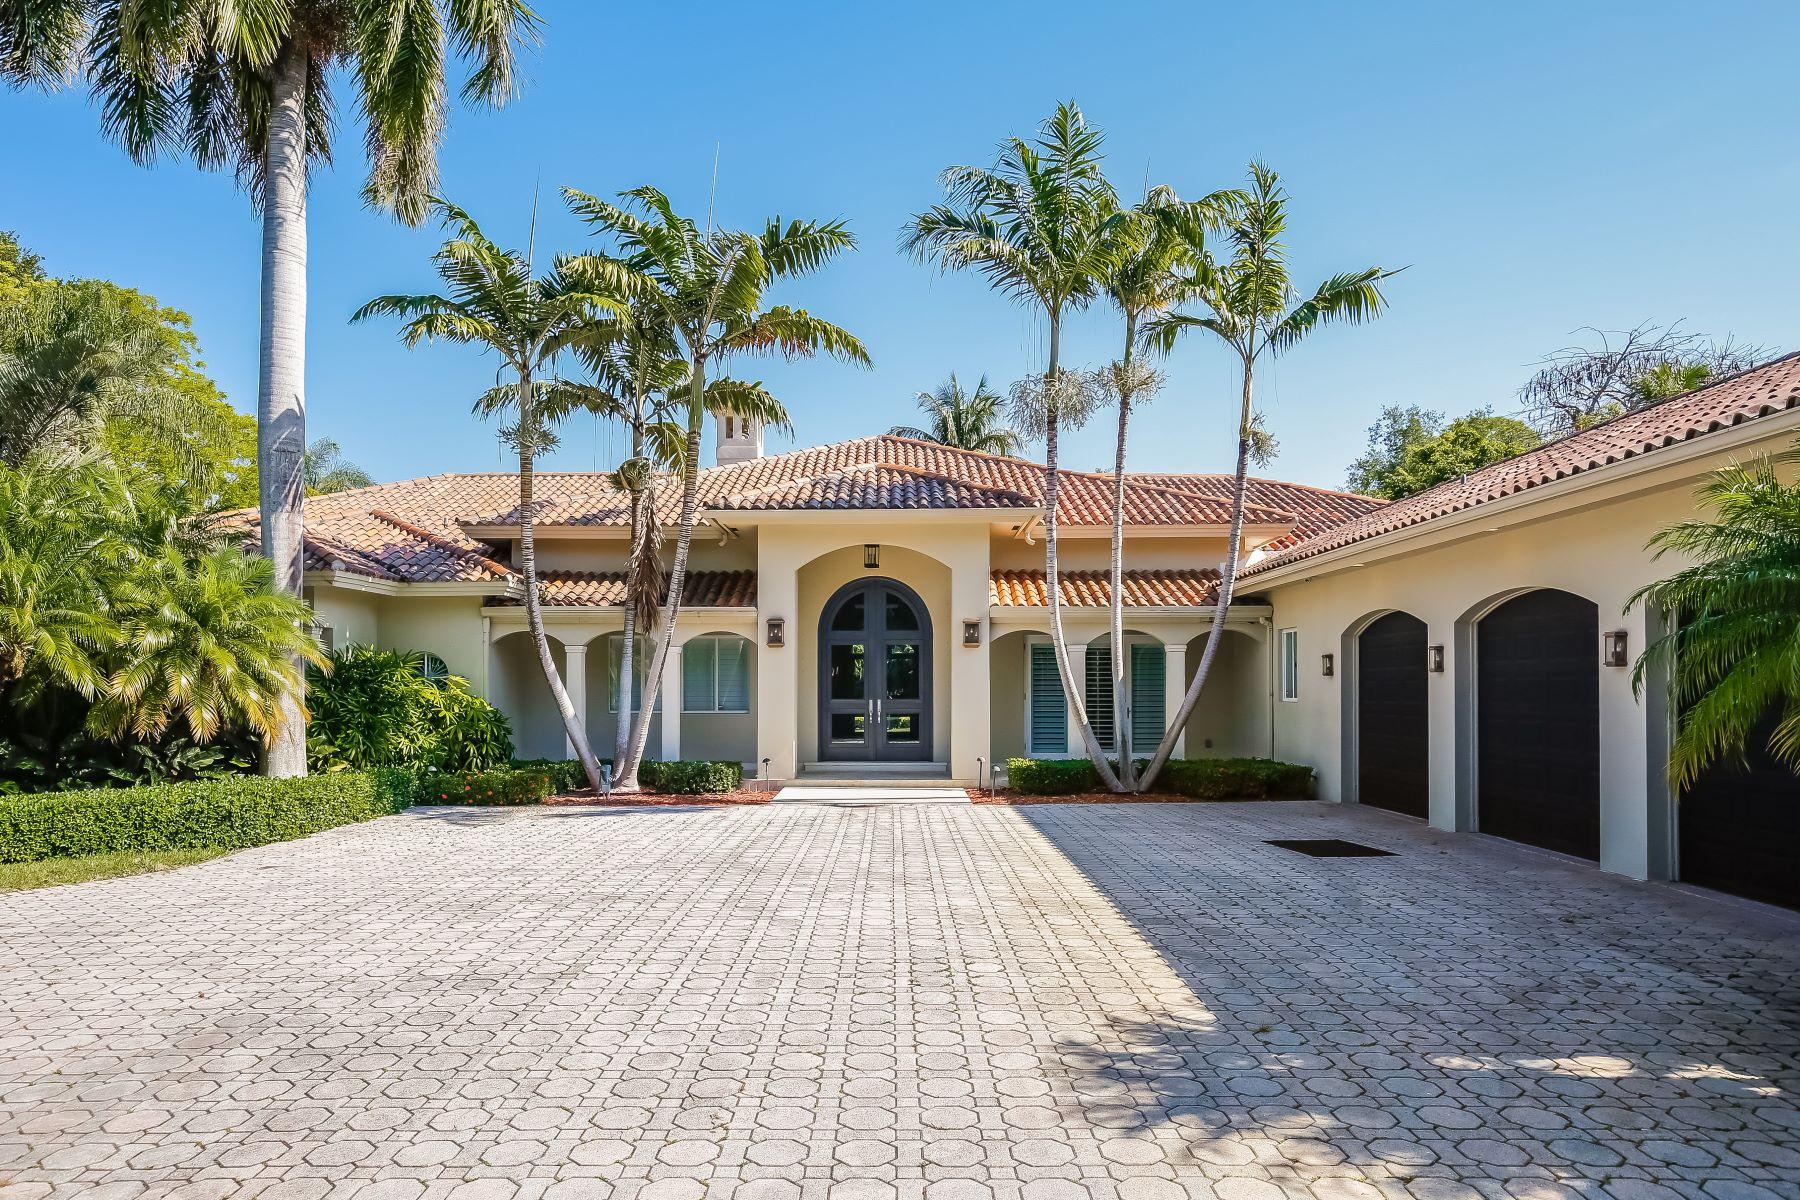 独户住宅 为 销售 在 6501 Sw 92nd St 派恩克雷斯特, 佛罗里达州, 33156 美国